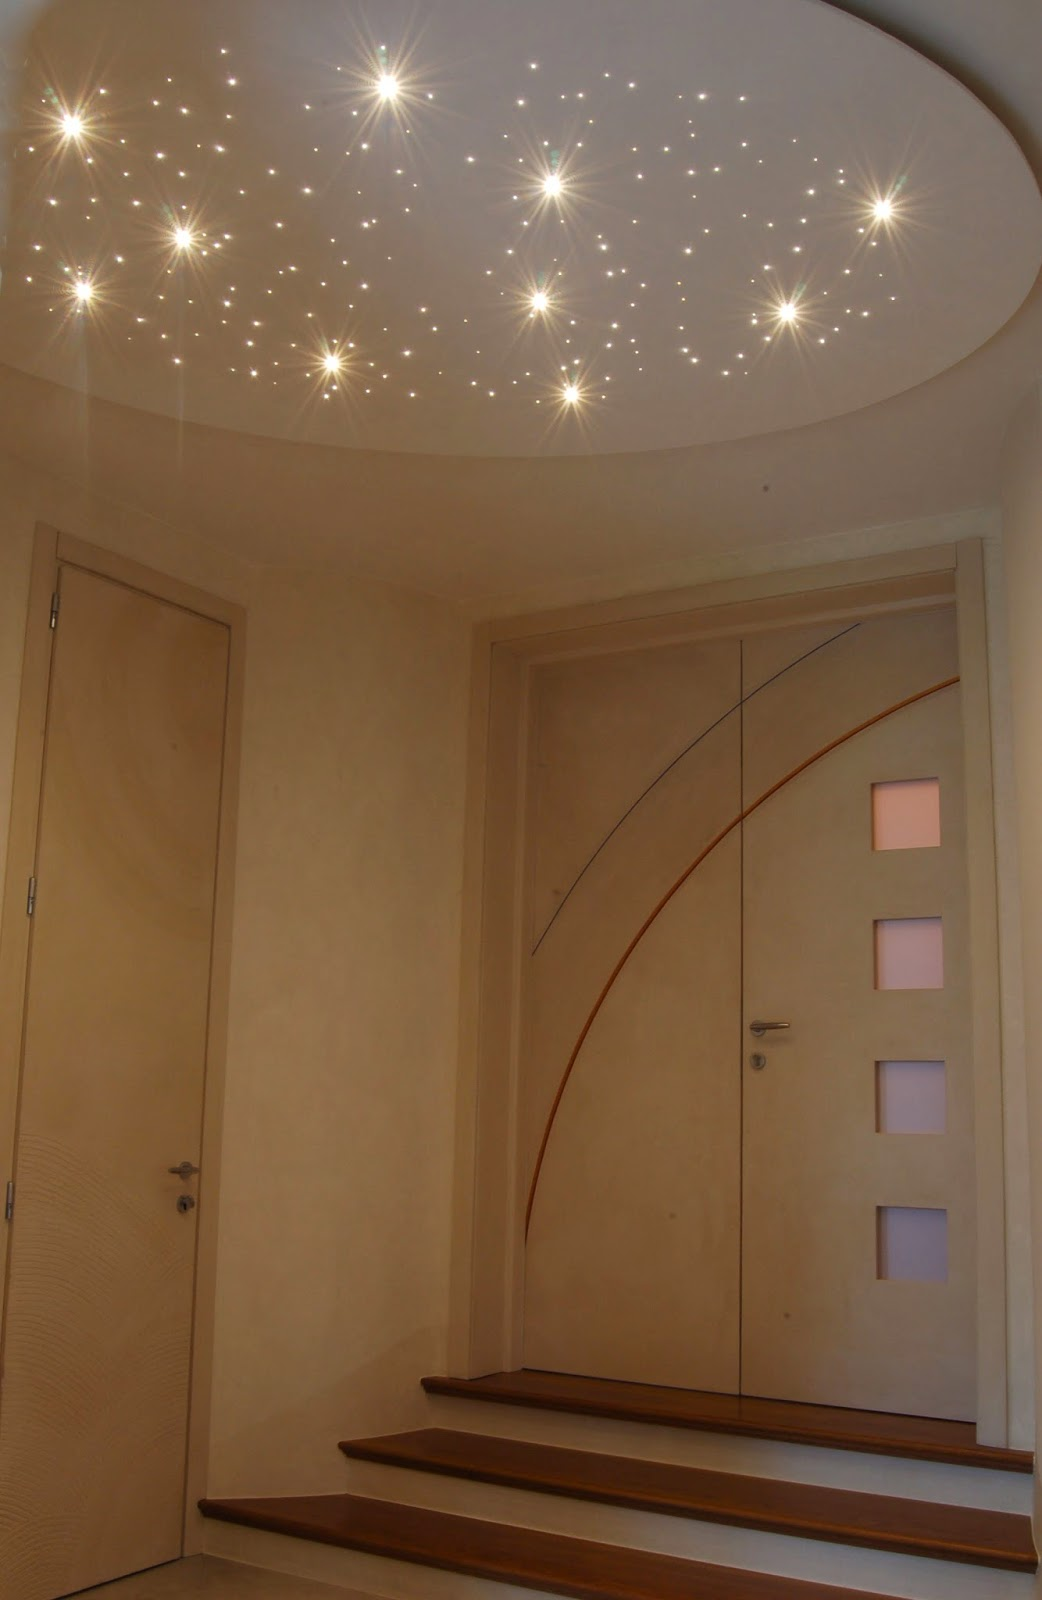 Illuminazione led casa il plafone personalizzato - Illuminazione ingresso casa ...